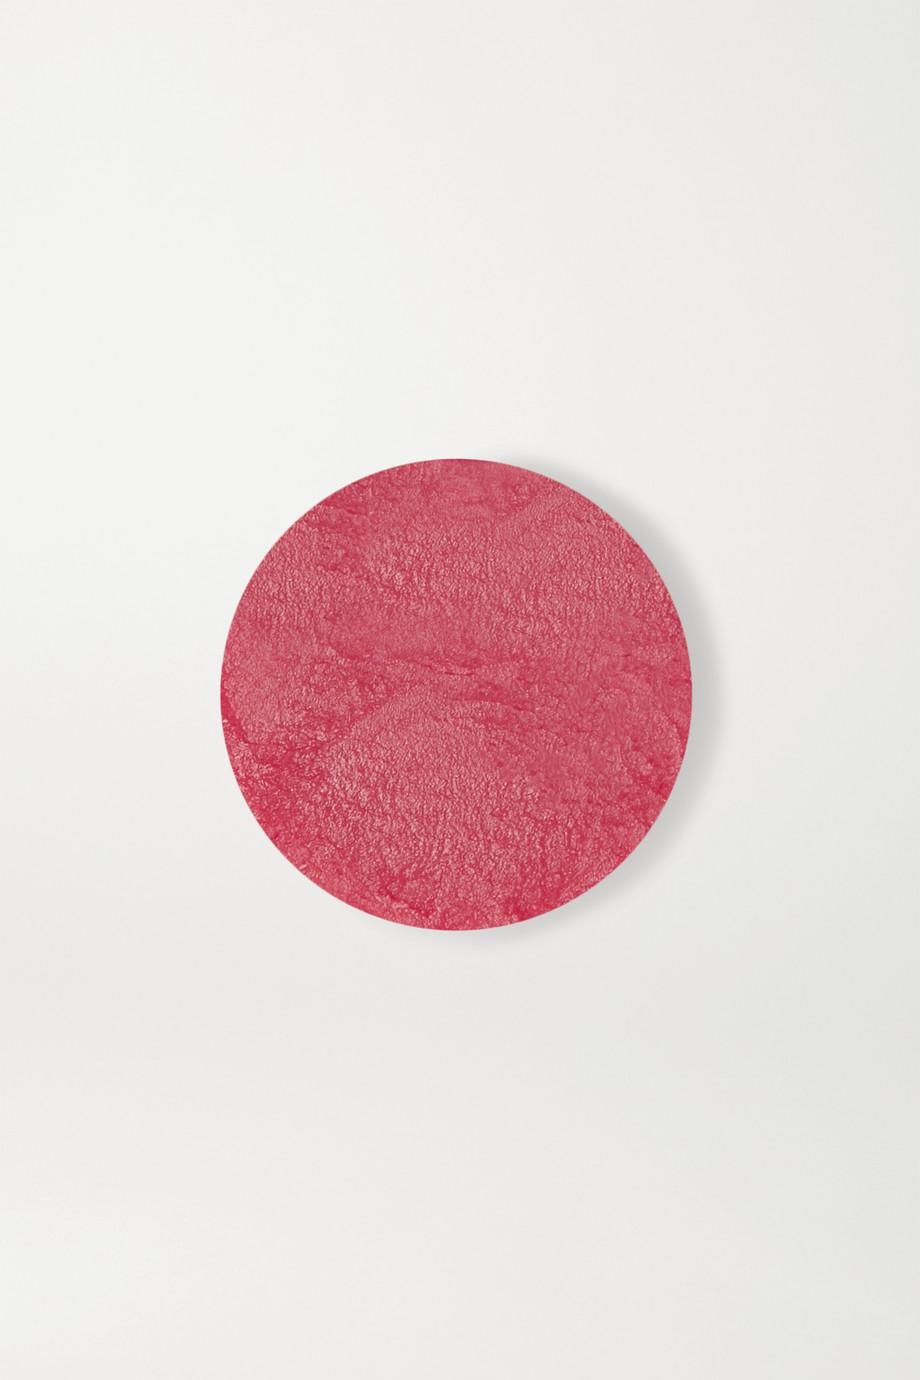 La Bouche Rouge Matte Lipstick Refill - Le Rouge Chloë